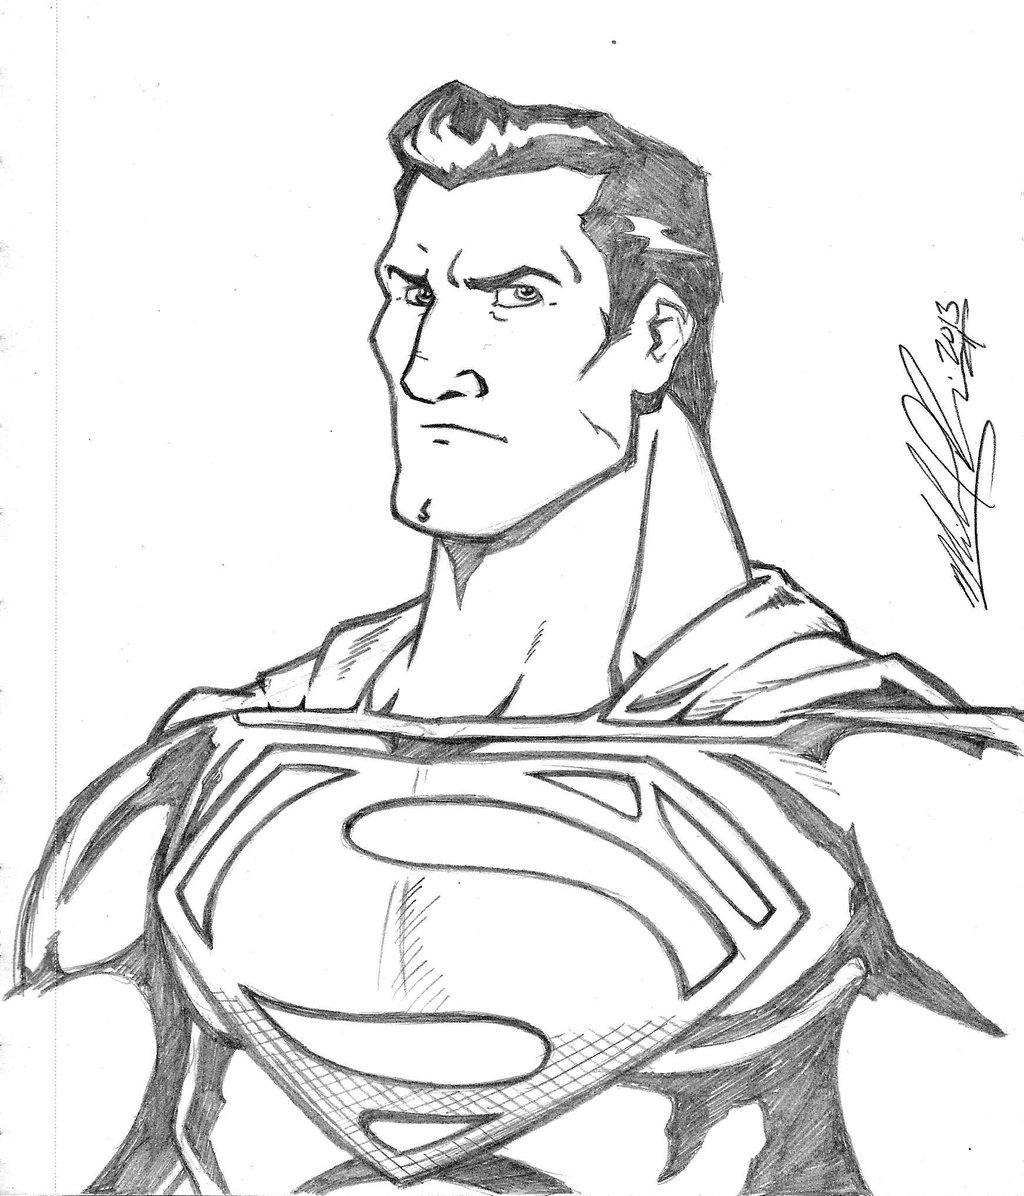 1024x1196 Man Of Steel Pencil Sketch By Mikereisner